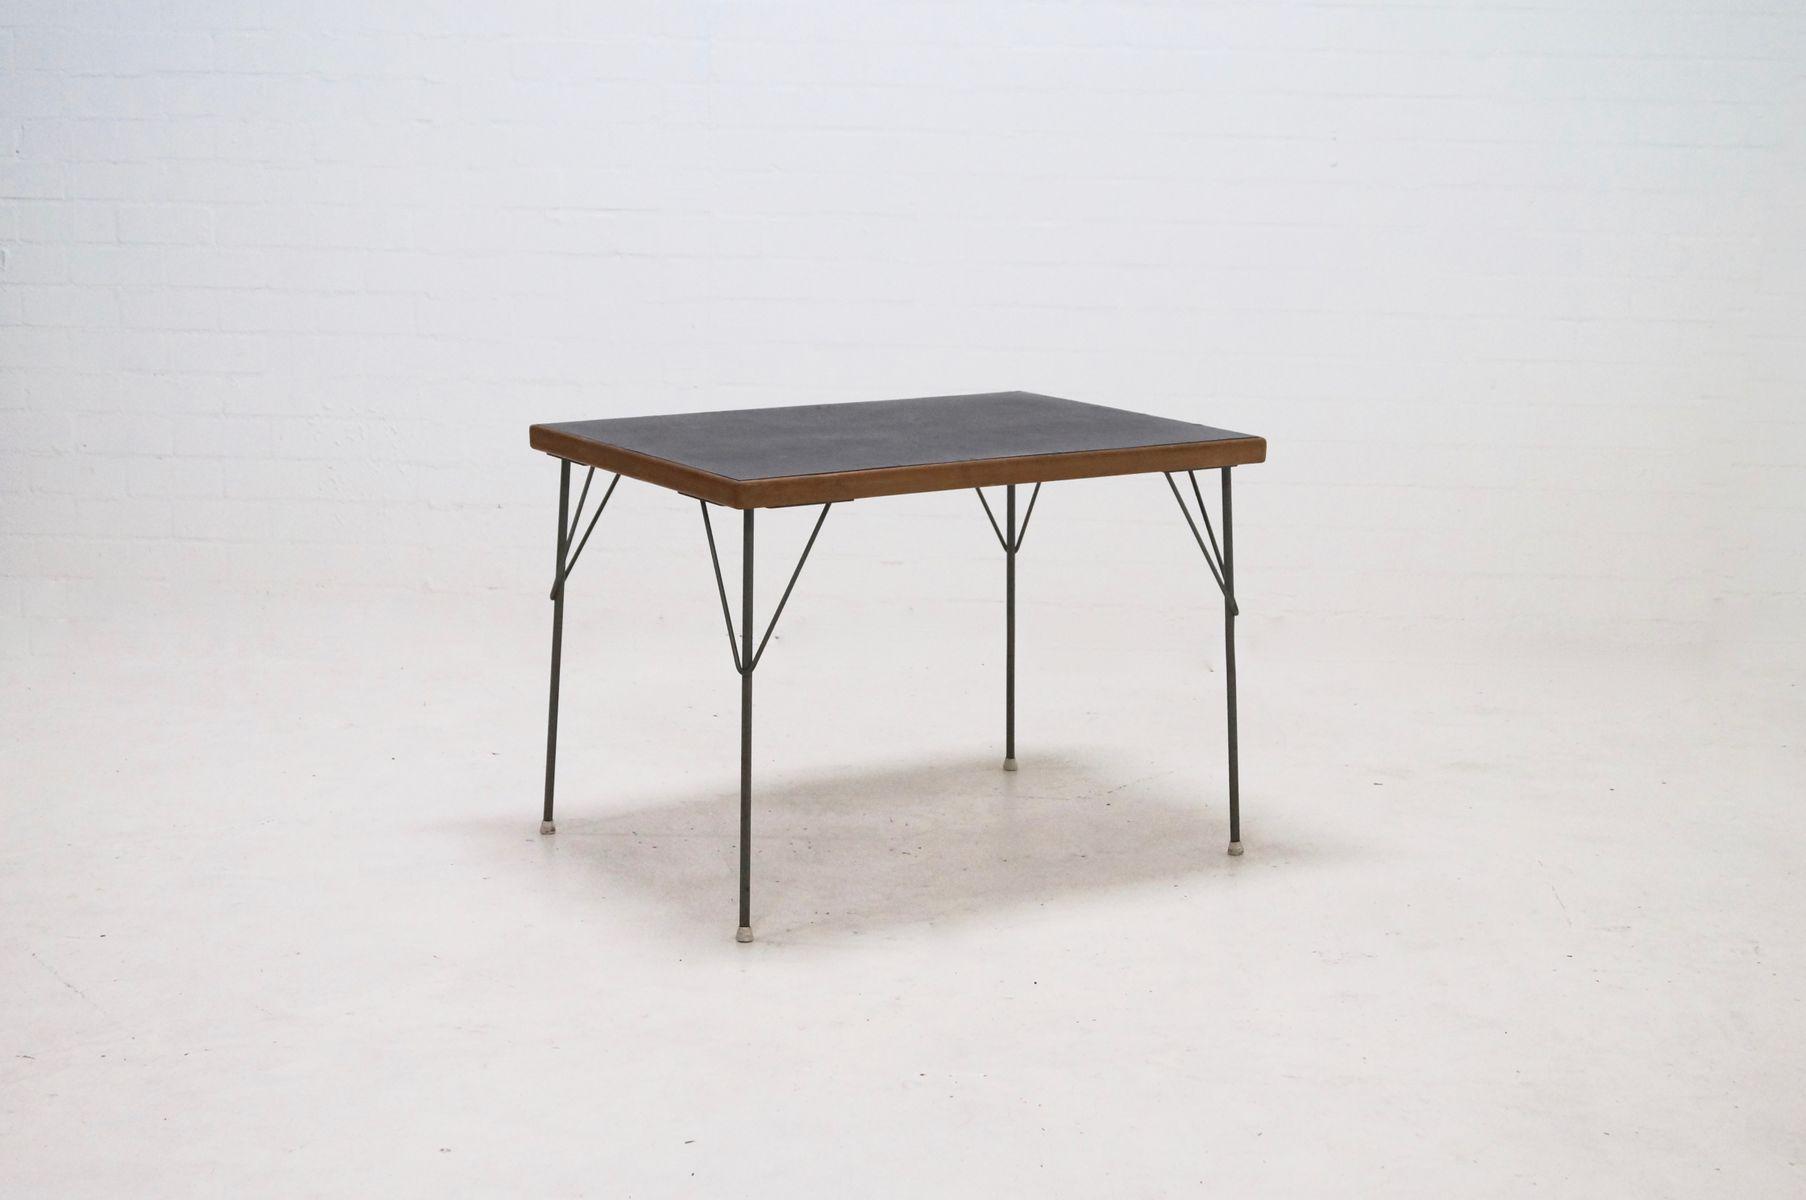 Table de salle manger 530 par rietveld cordemeijer for Salle a manger 1950